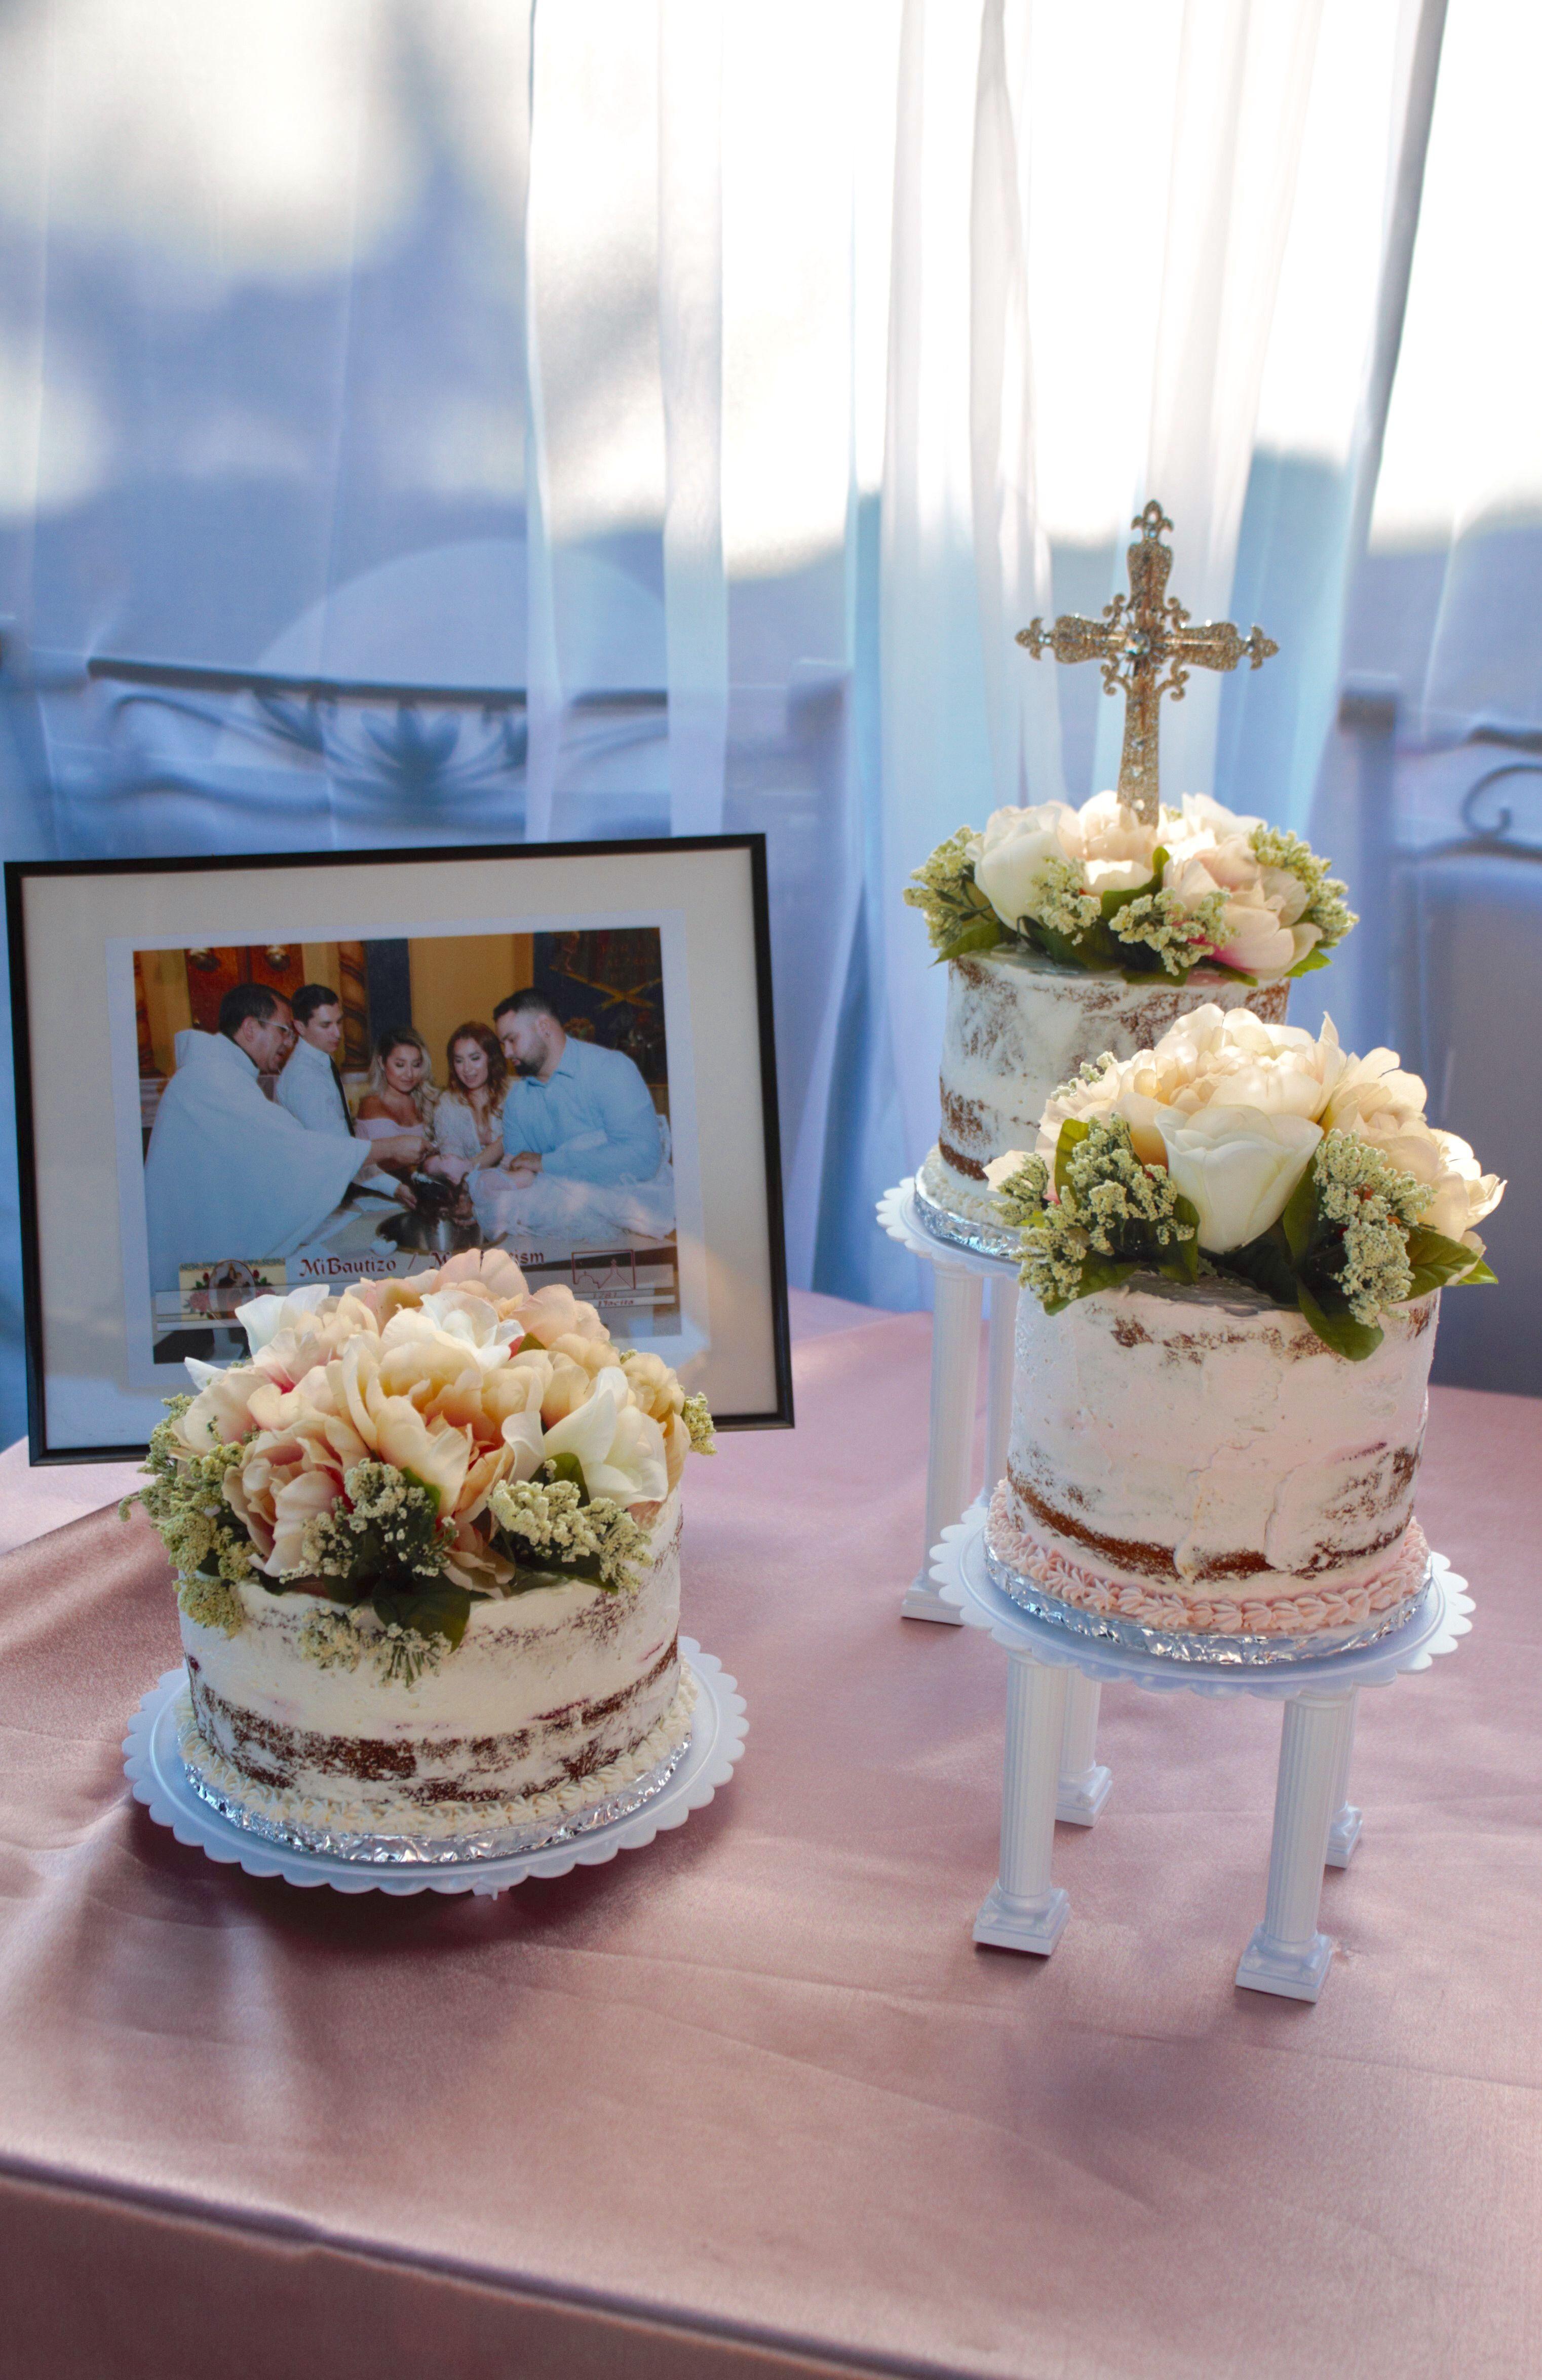 Baptism cake | Baptism cake, Table decorations, Decor